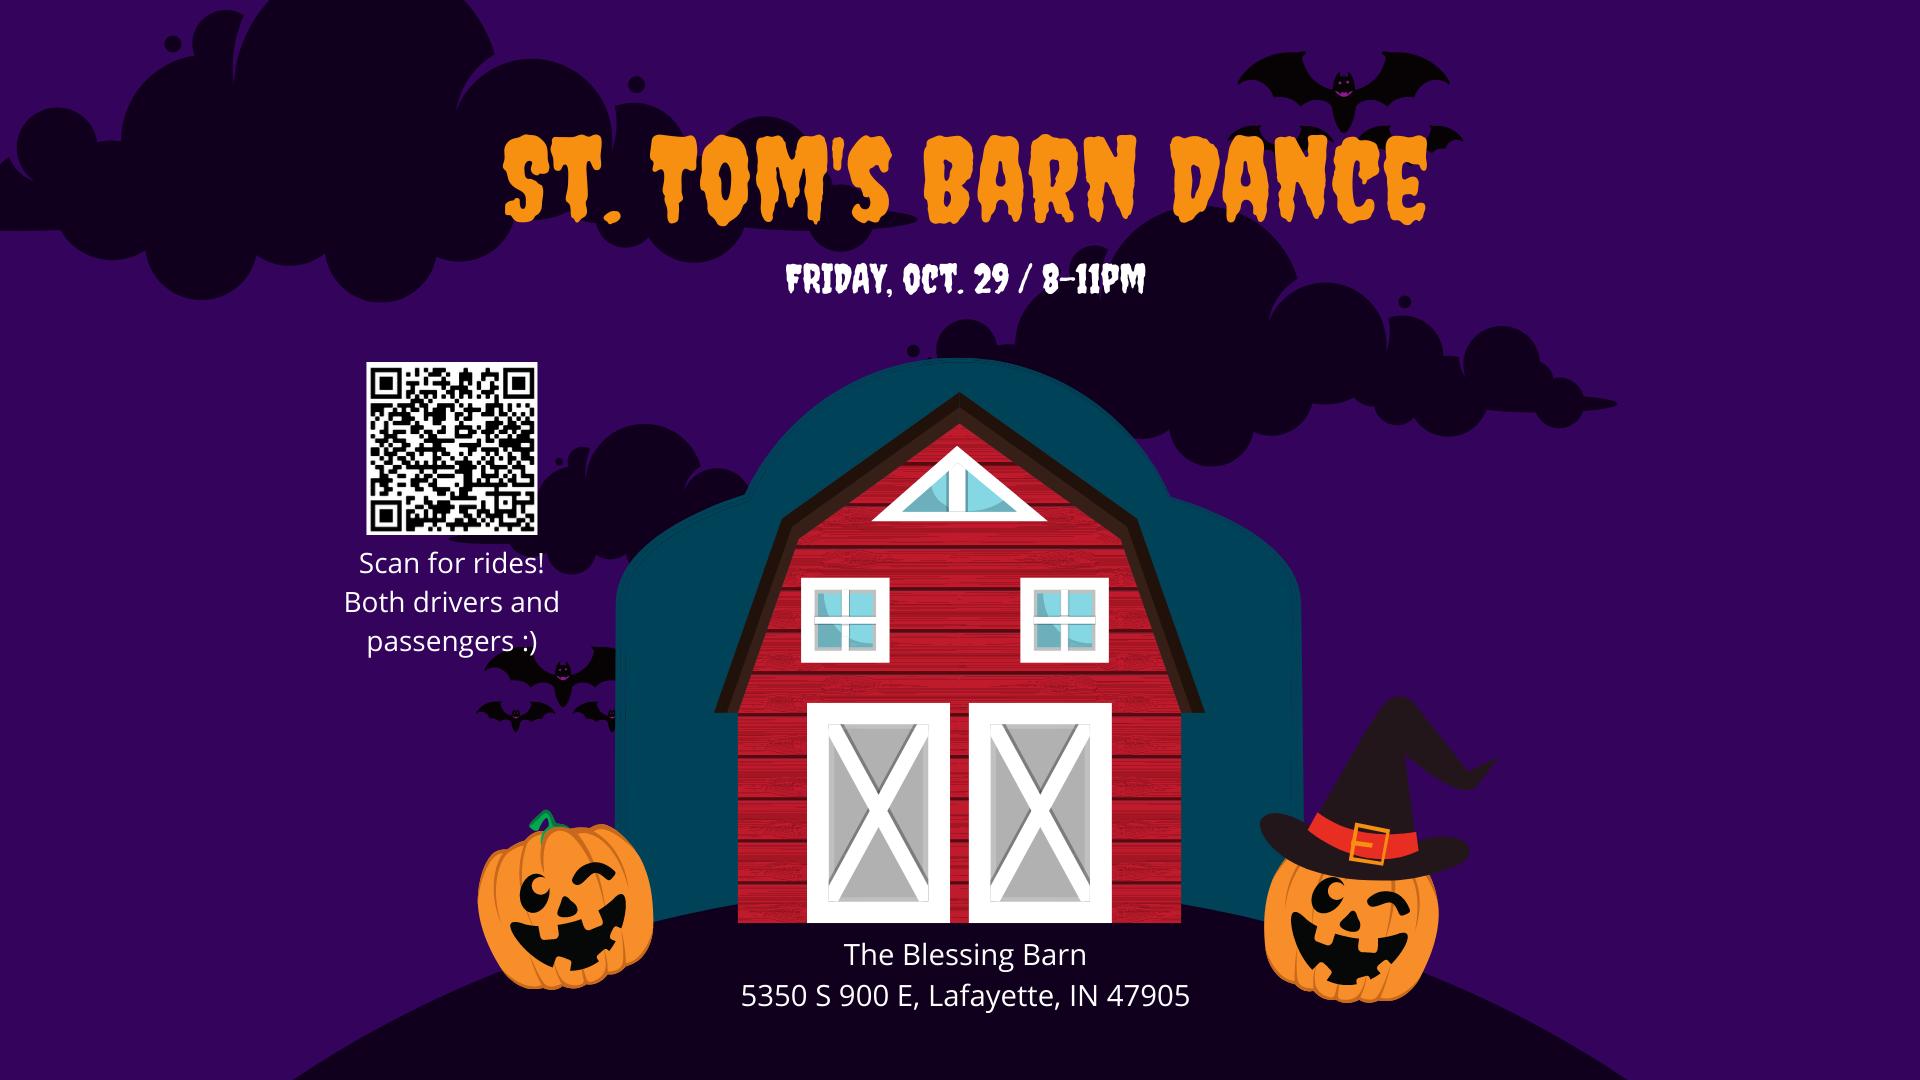 Barn Dance (Presentation)